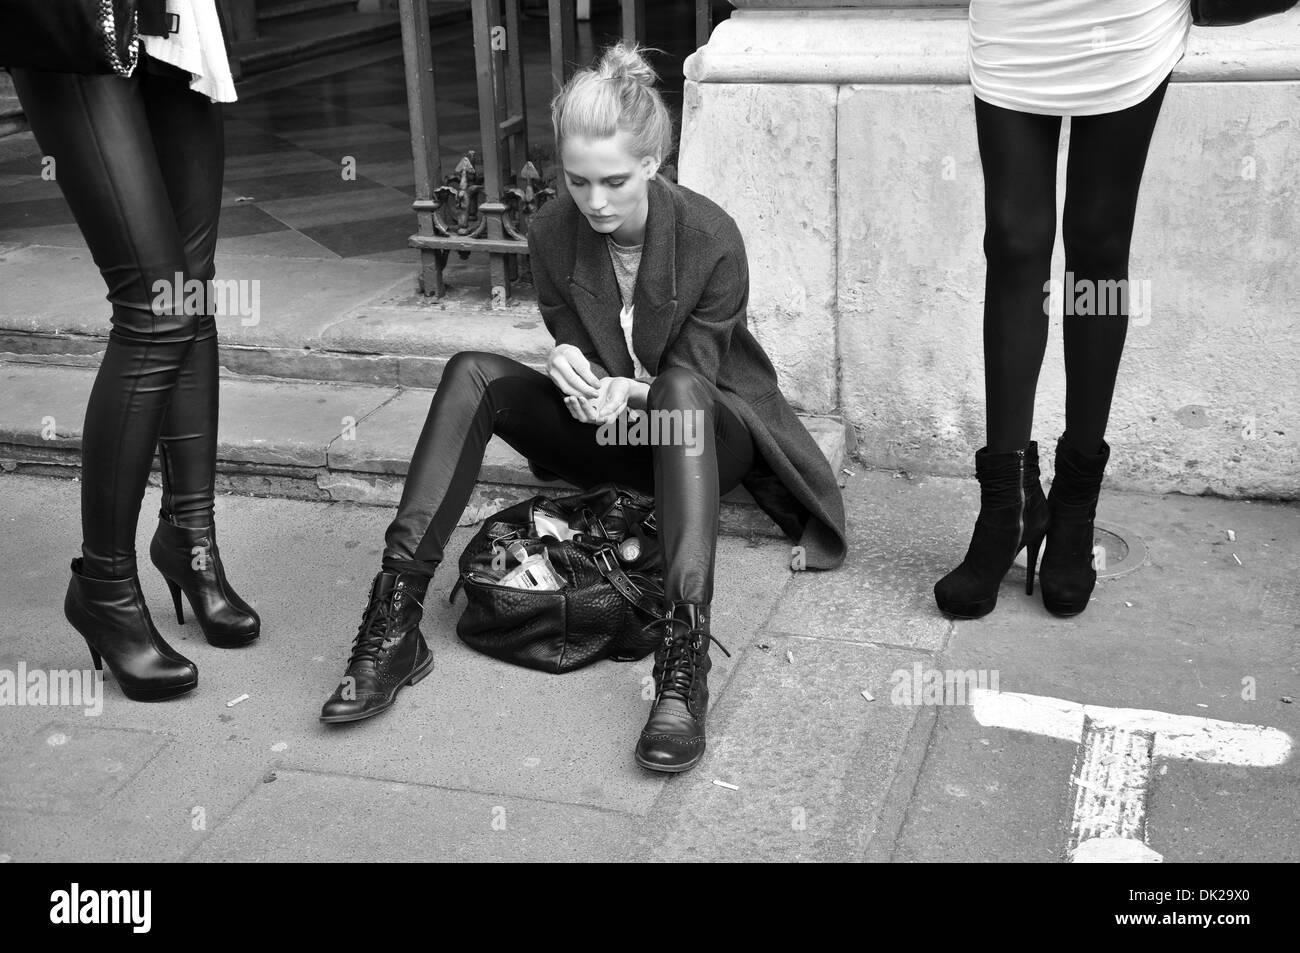 Models waiting - Stock Image